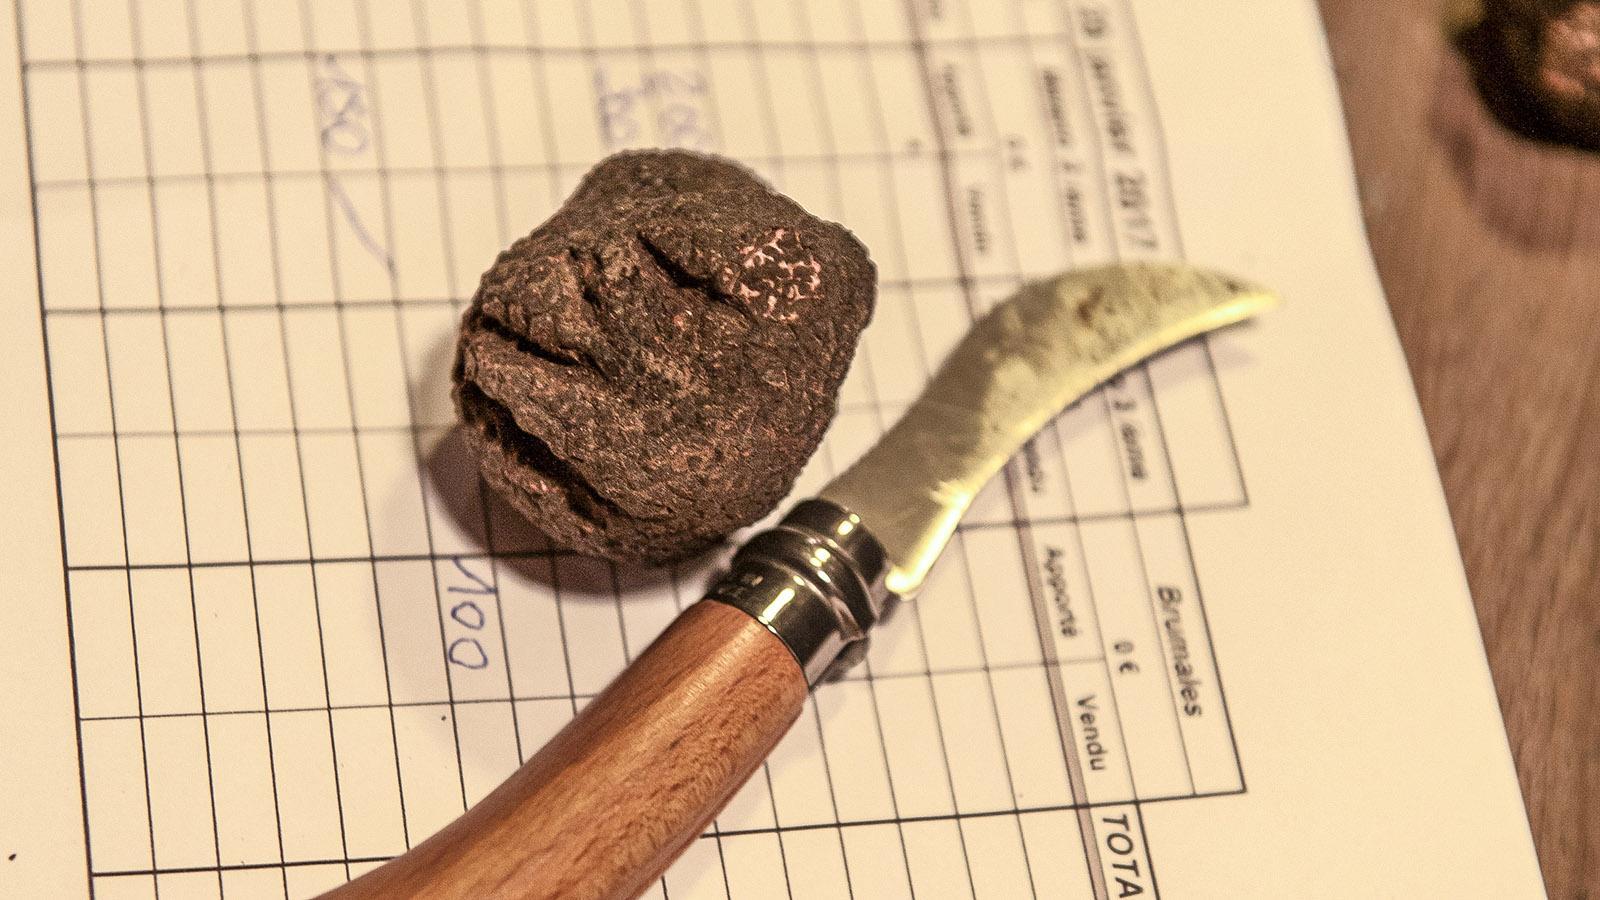 Saint-Paul-3-Châteaux: Jeder Trüffel wird einzeln bewertet. Foto: Hilke Maunder